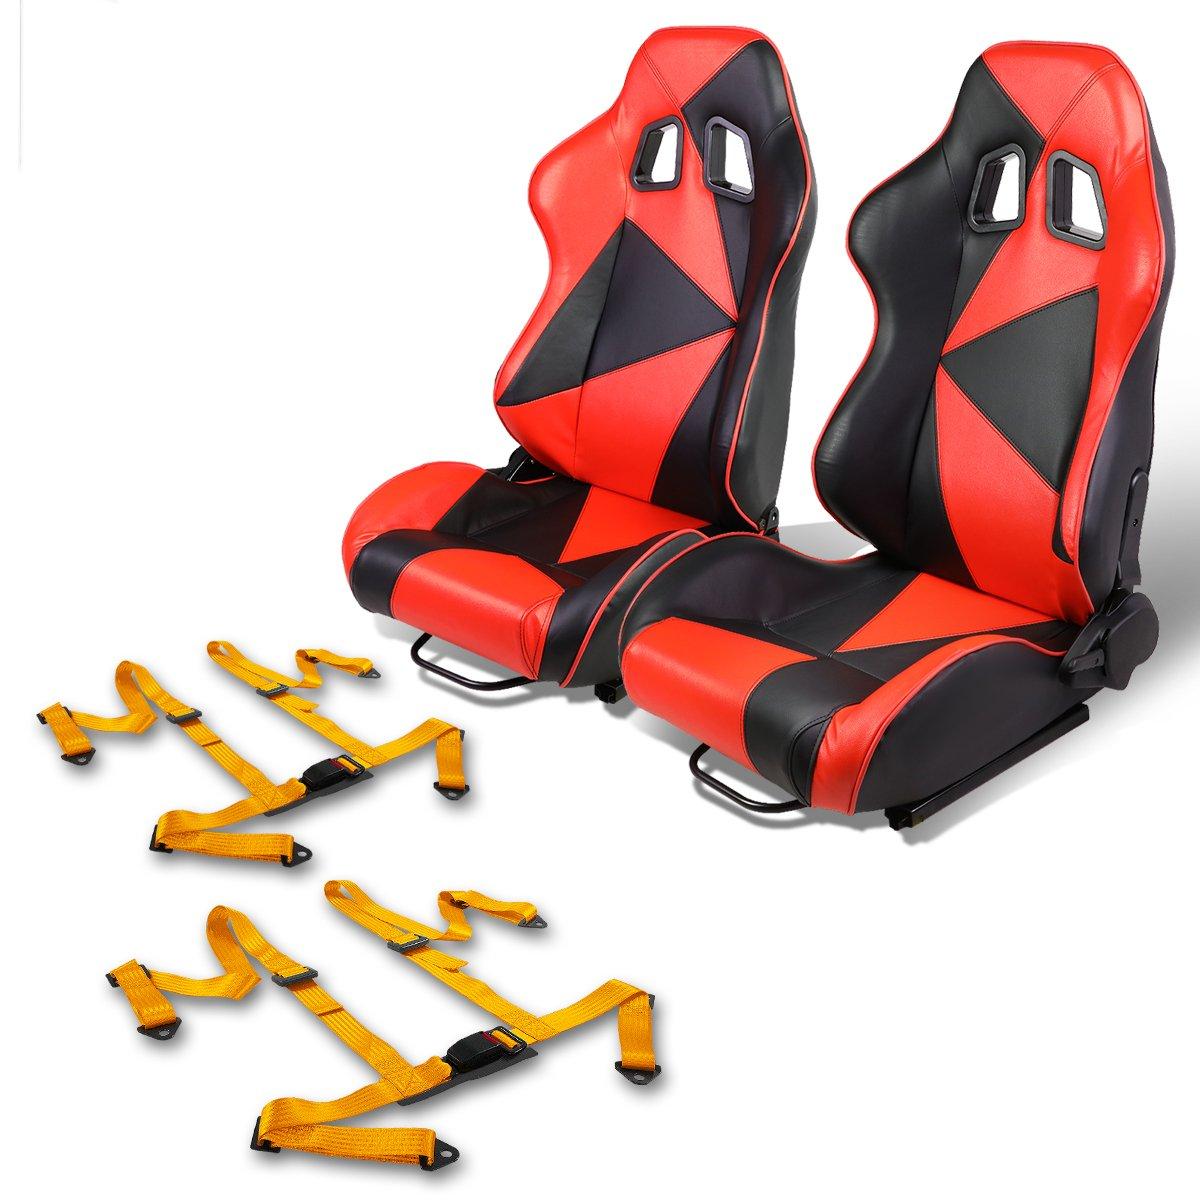 Par de rs-027-bk-rd PVC piel reclinable Racing asiento + oro 4PT ...